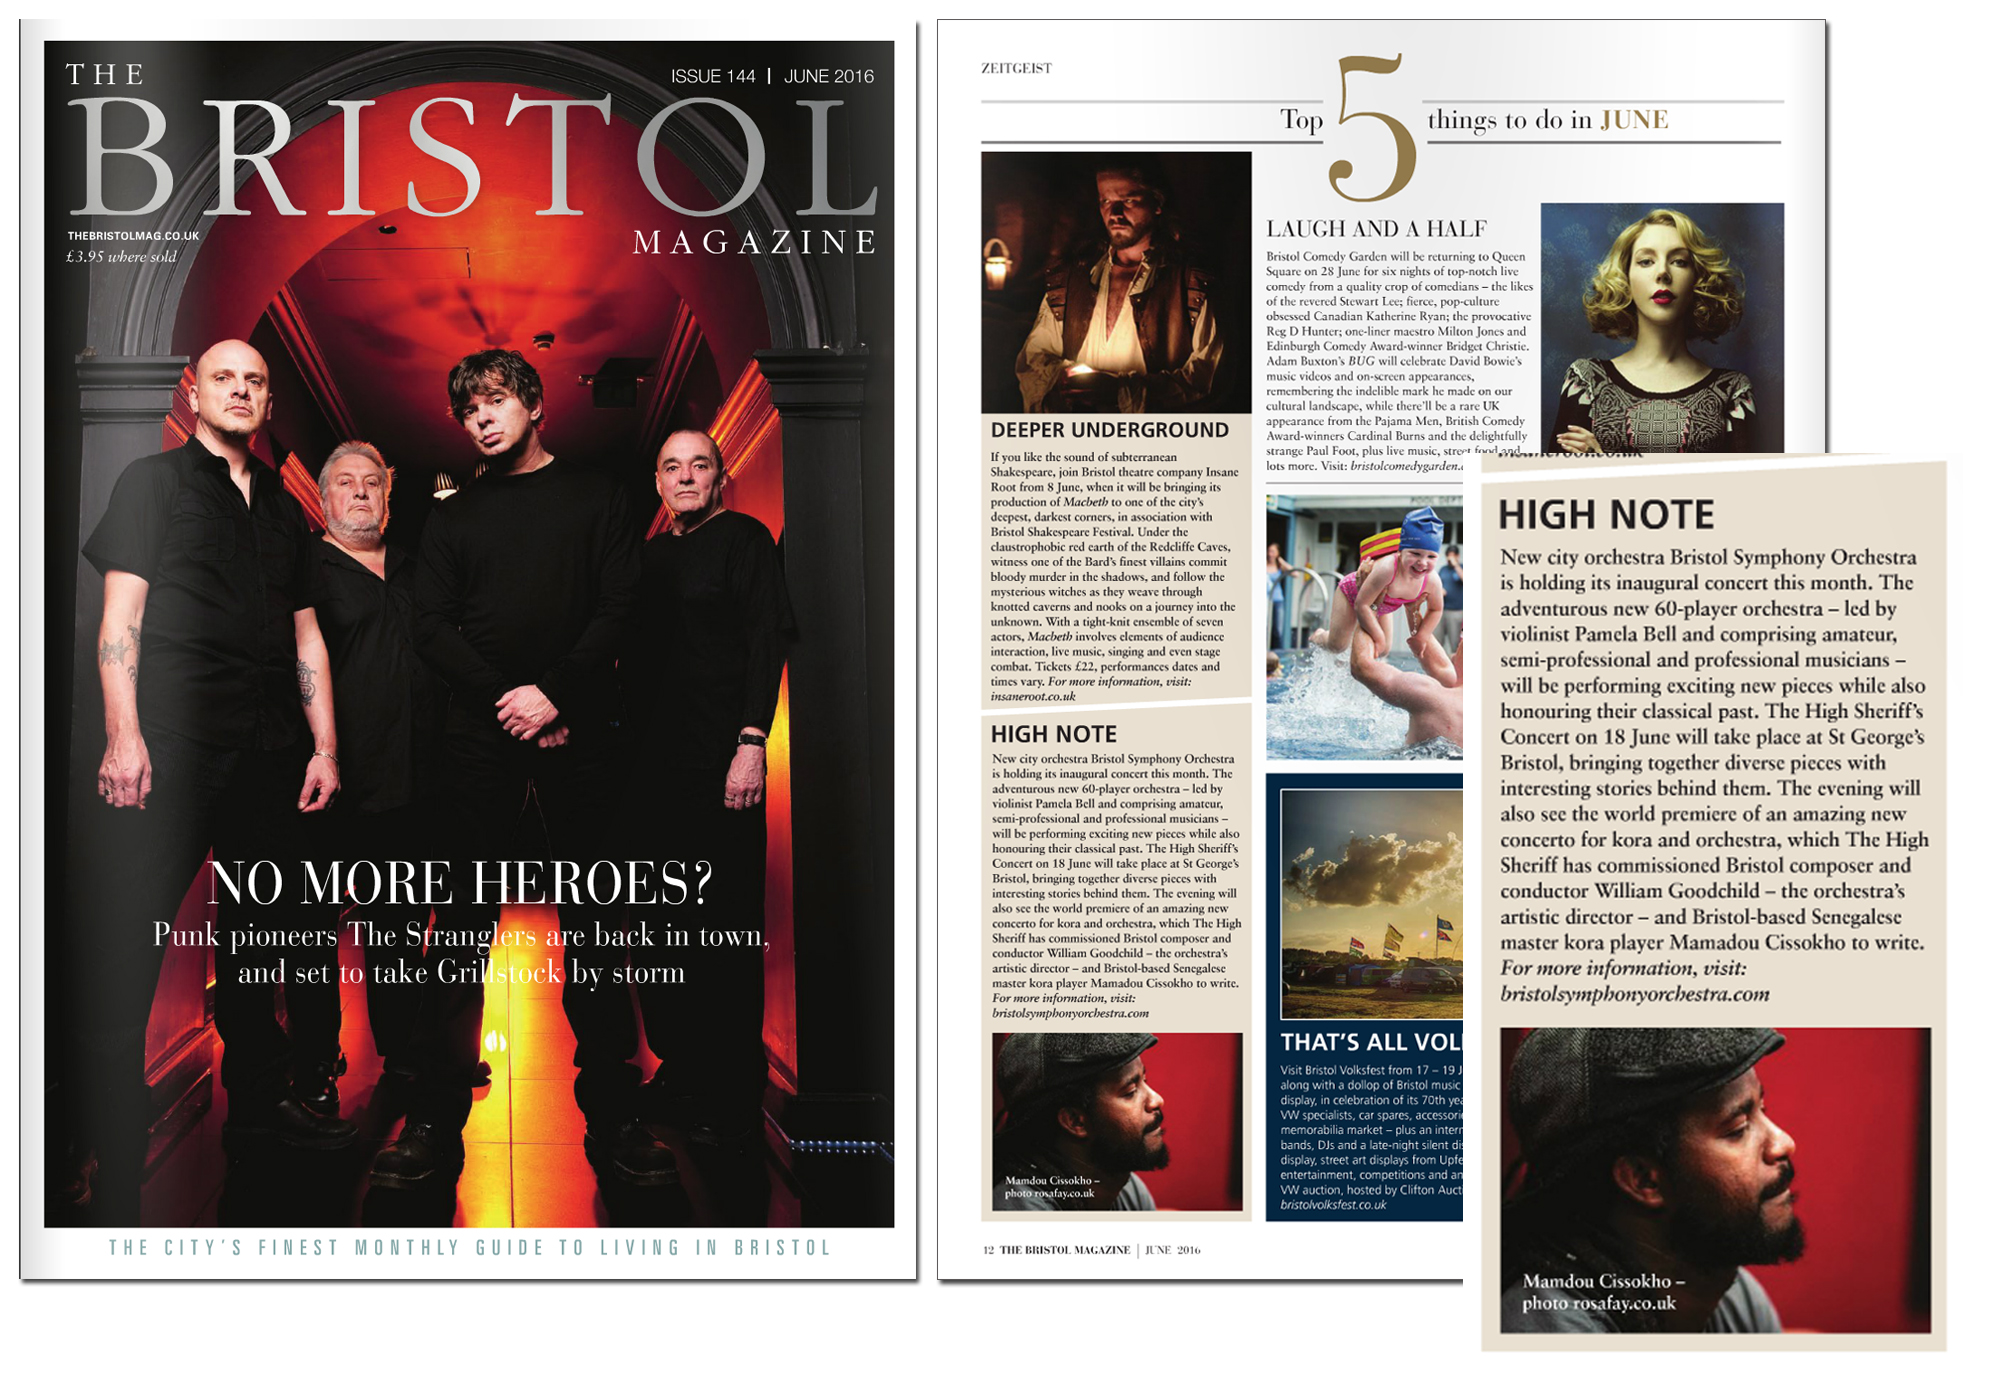 Bristol Magazine